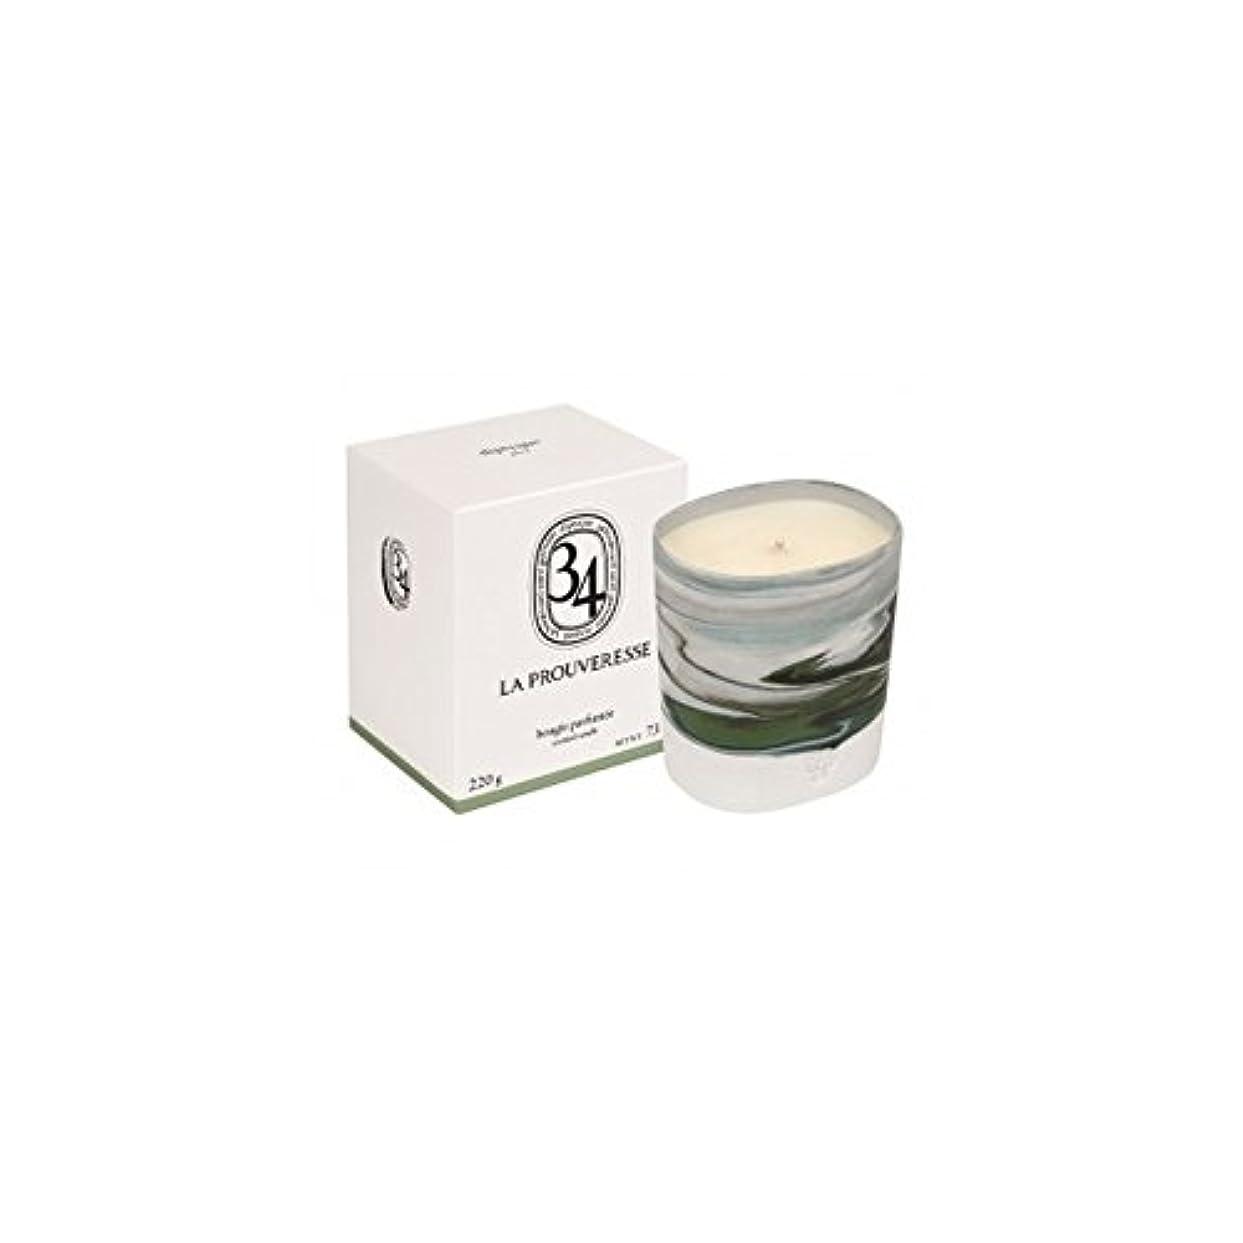 シーンアミューズ朝Diptyque Collection 34 La Prouveresse Scented Candle 220g (Pack of 2) - ラProuveresse Diptyqueコレクション34香りのキャンドル220グラム (x2) [並行輸入品]